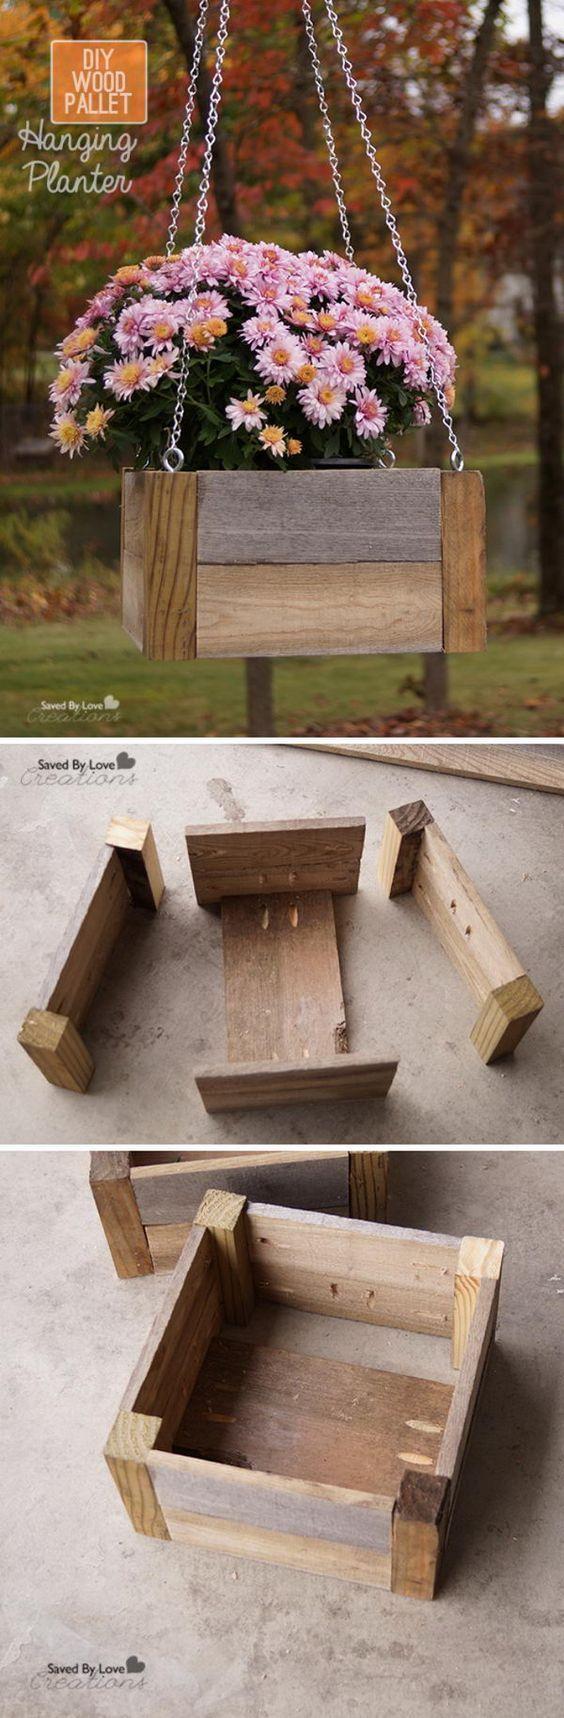 DIY Wood Pallet Hanging Planter.